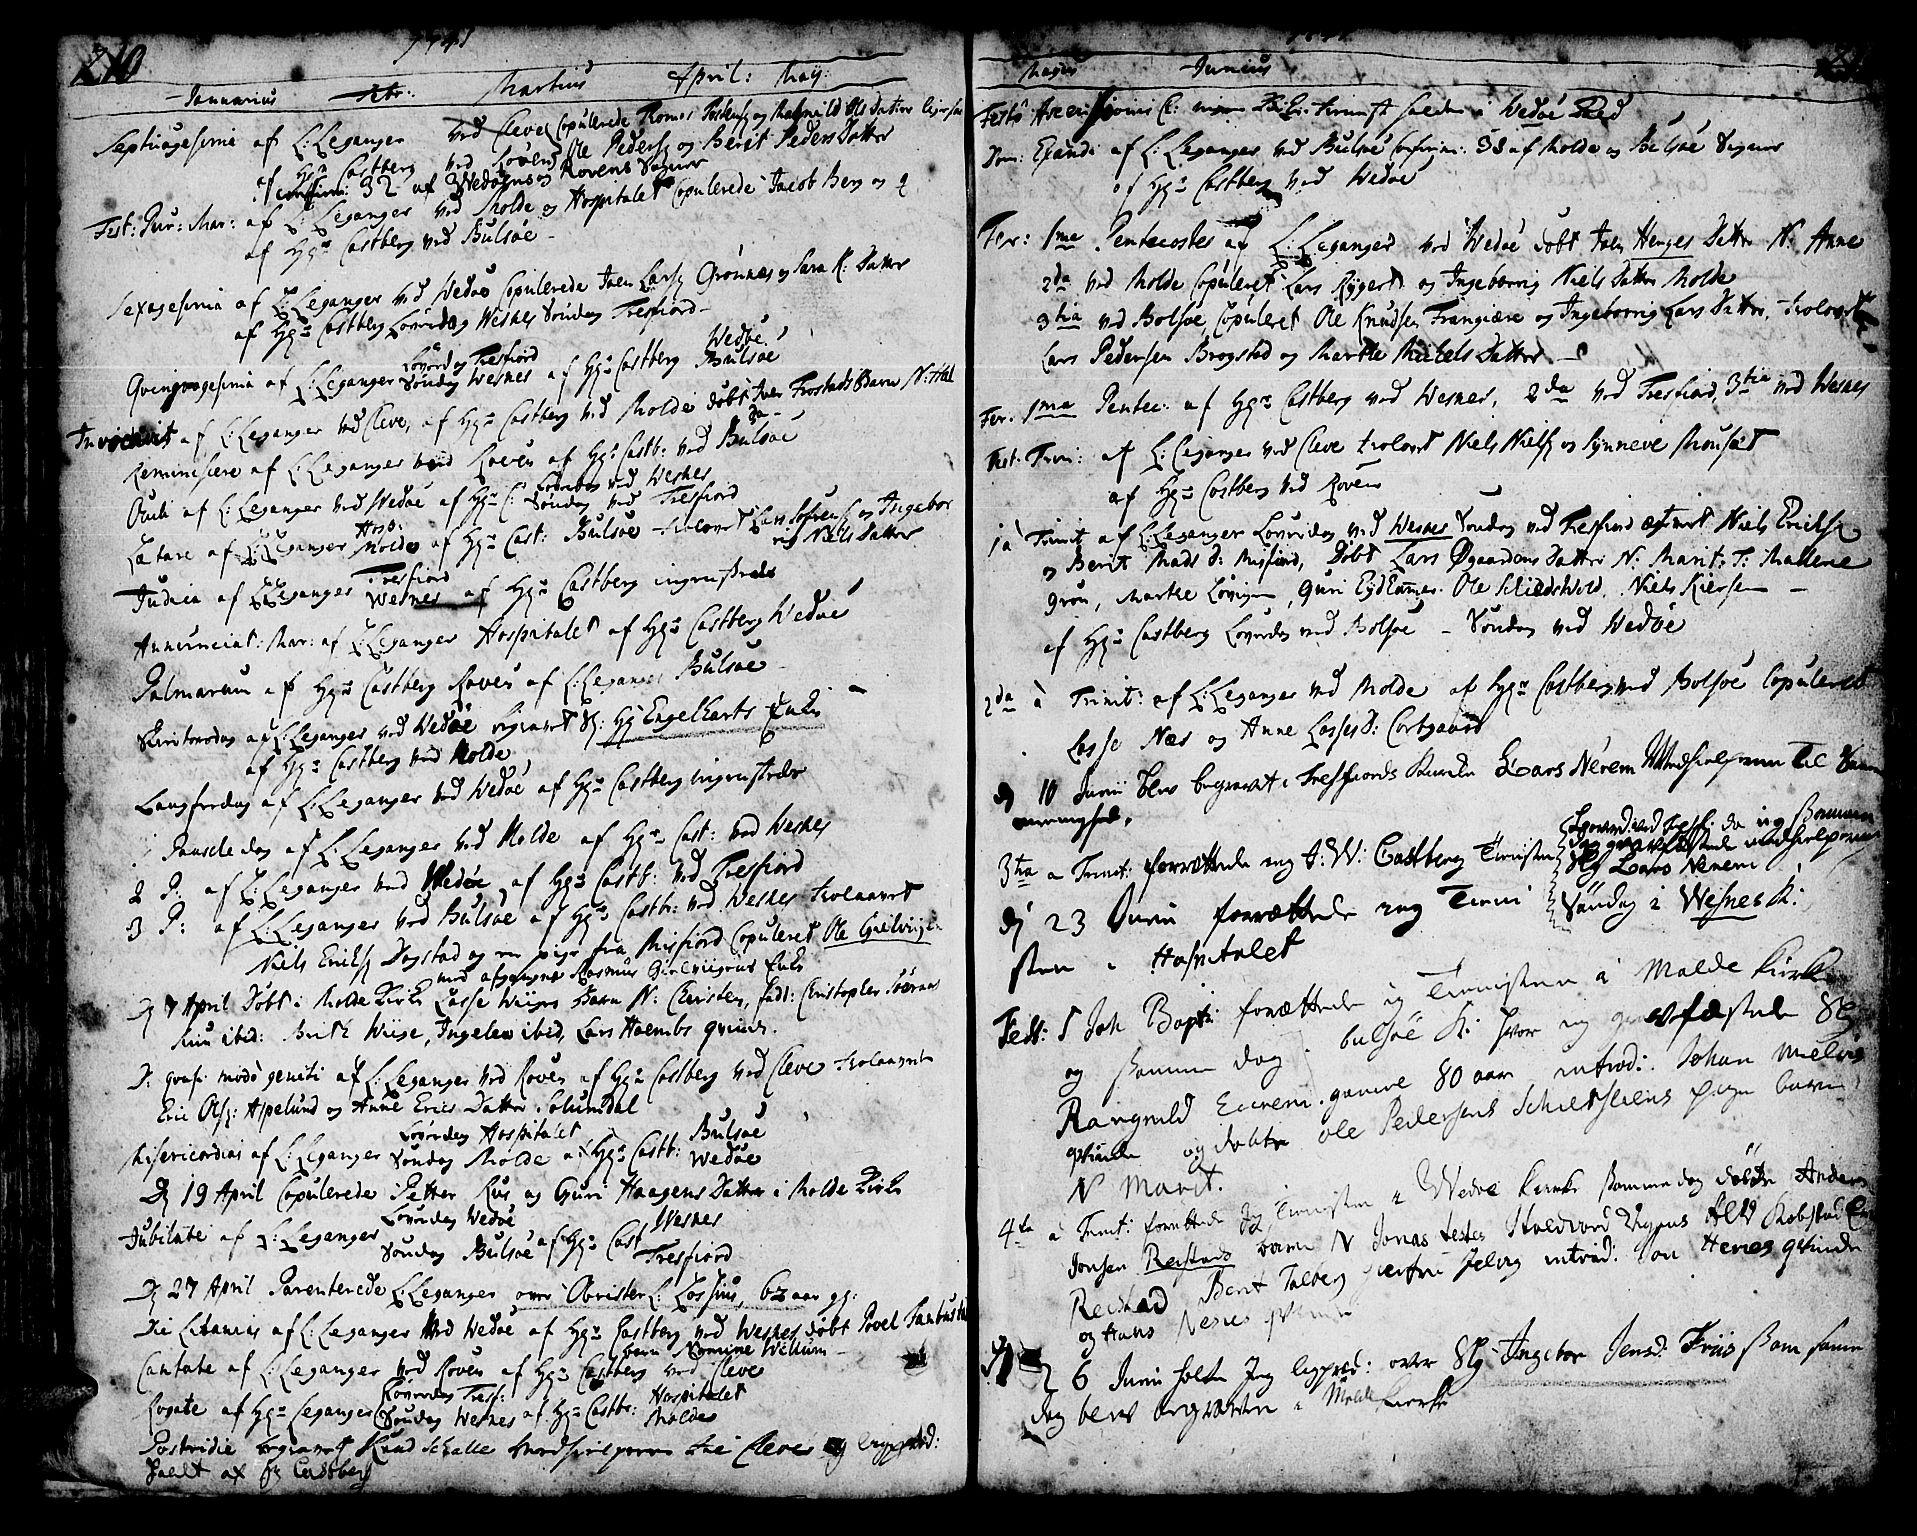 SAT, Ministerialprotokoller, klokkerbøker og fødselsregistre - Møre og Romsdal, 547/L0599: Ministerialbok nr. 547A01, 1721-1764, s. 210-211